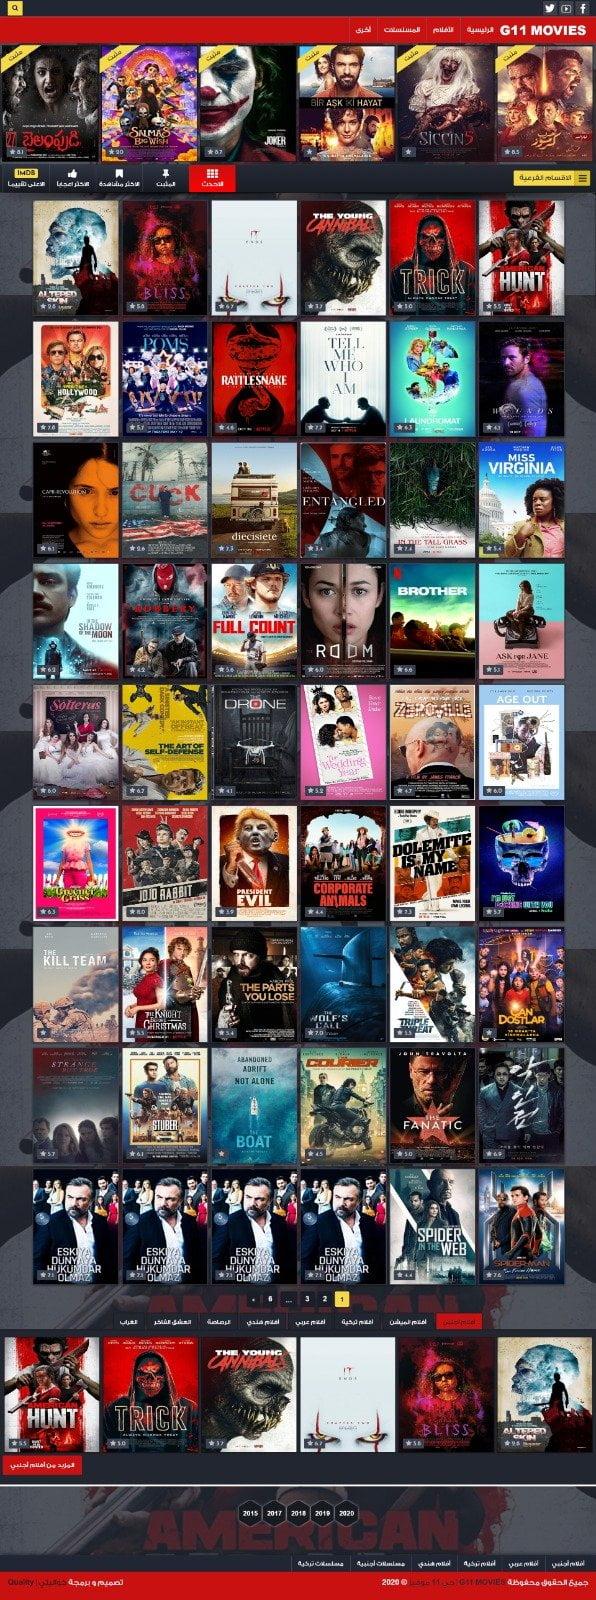 G11 Movies -جي 11 موفيز -برمجة المواقع موقع أفلام أونلاين-برمجة المواقع